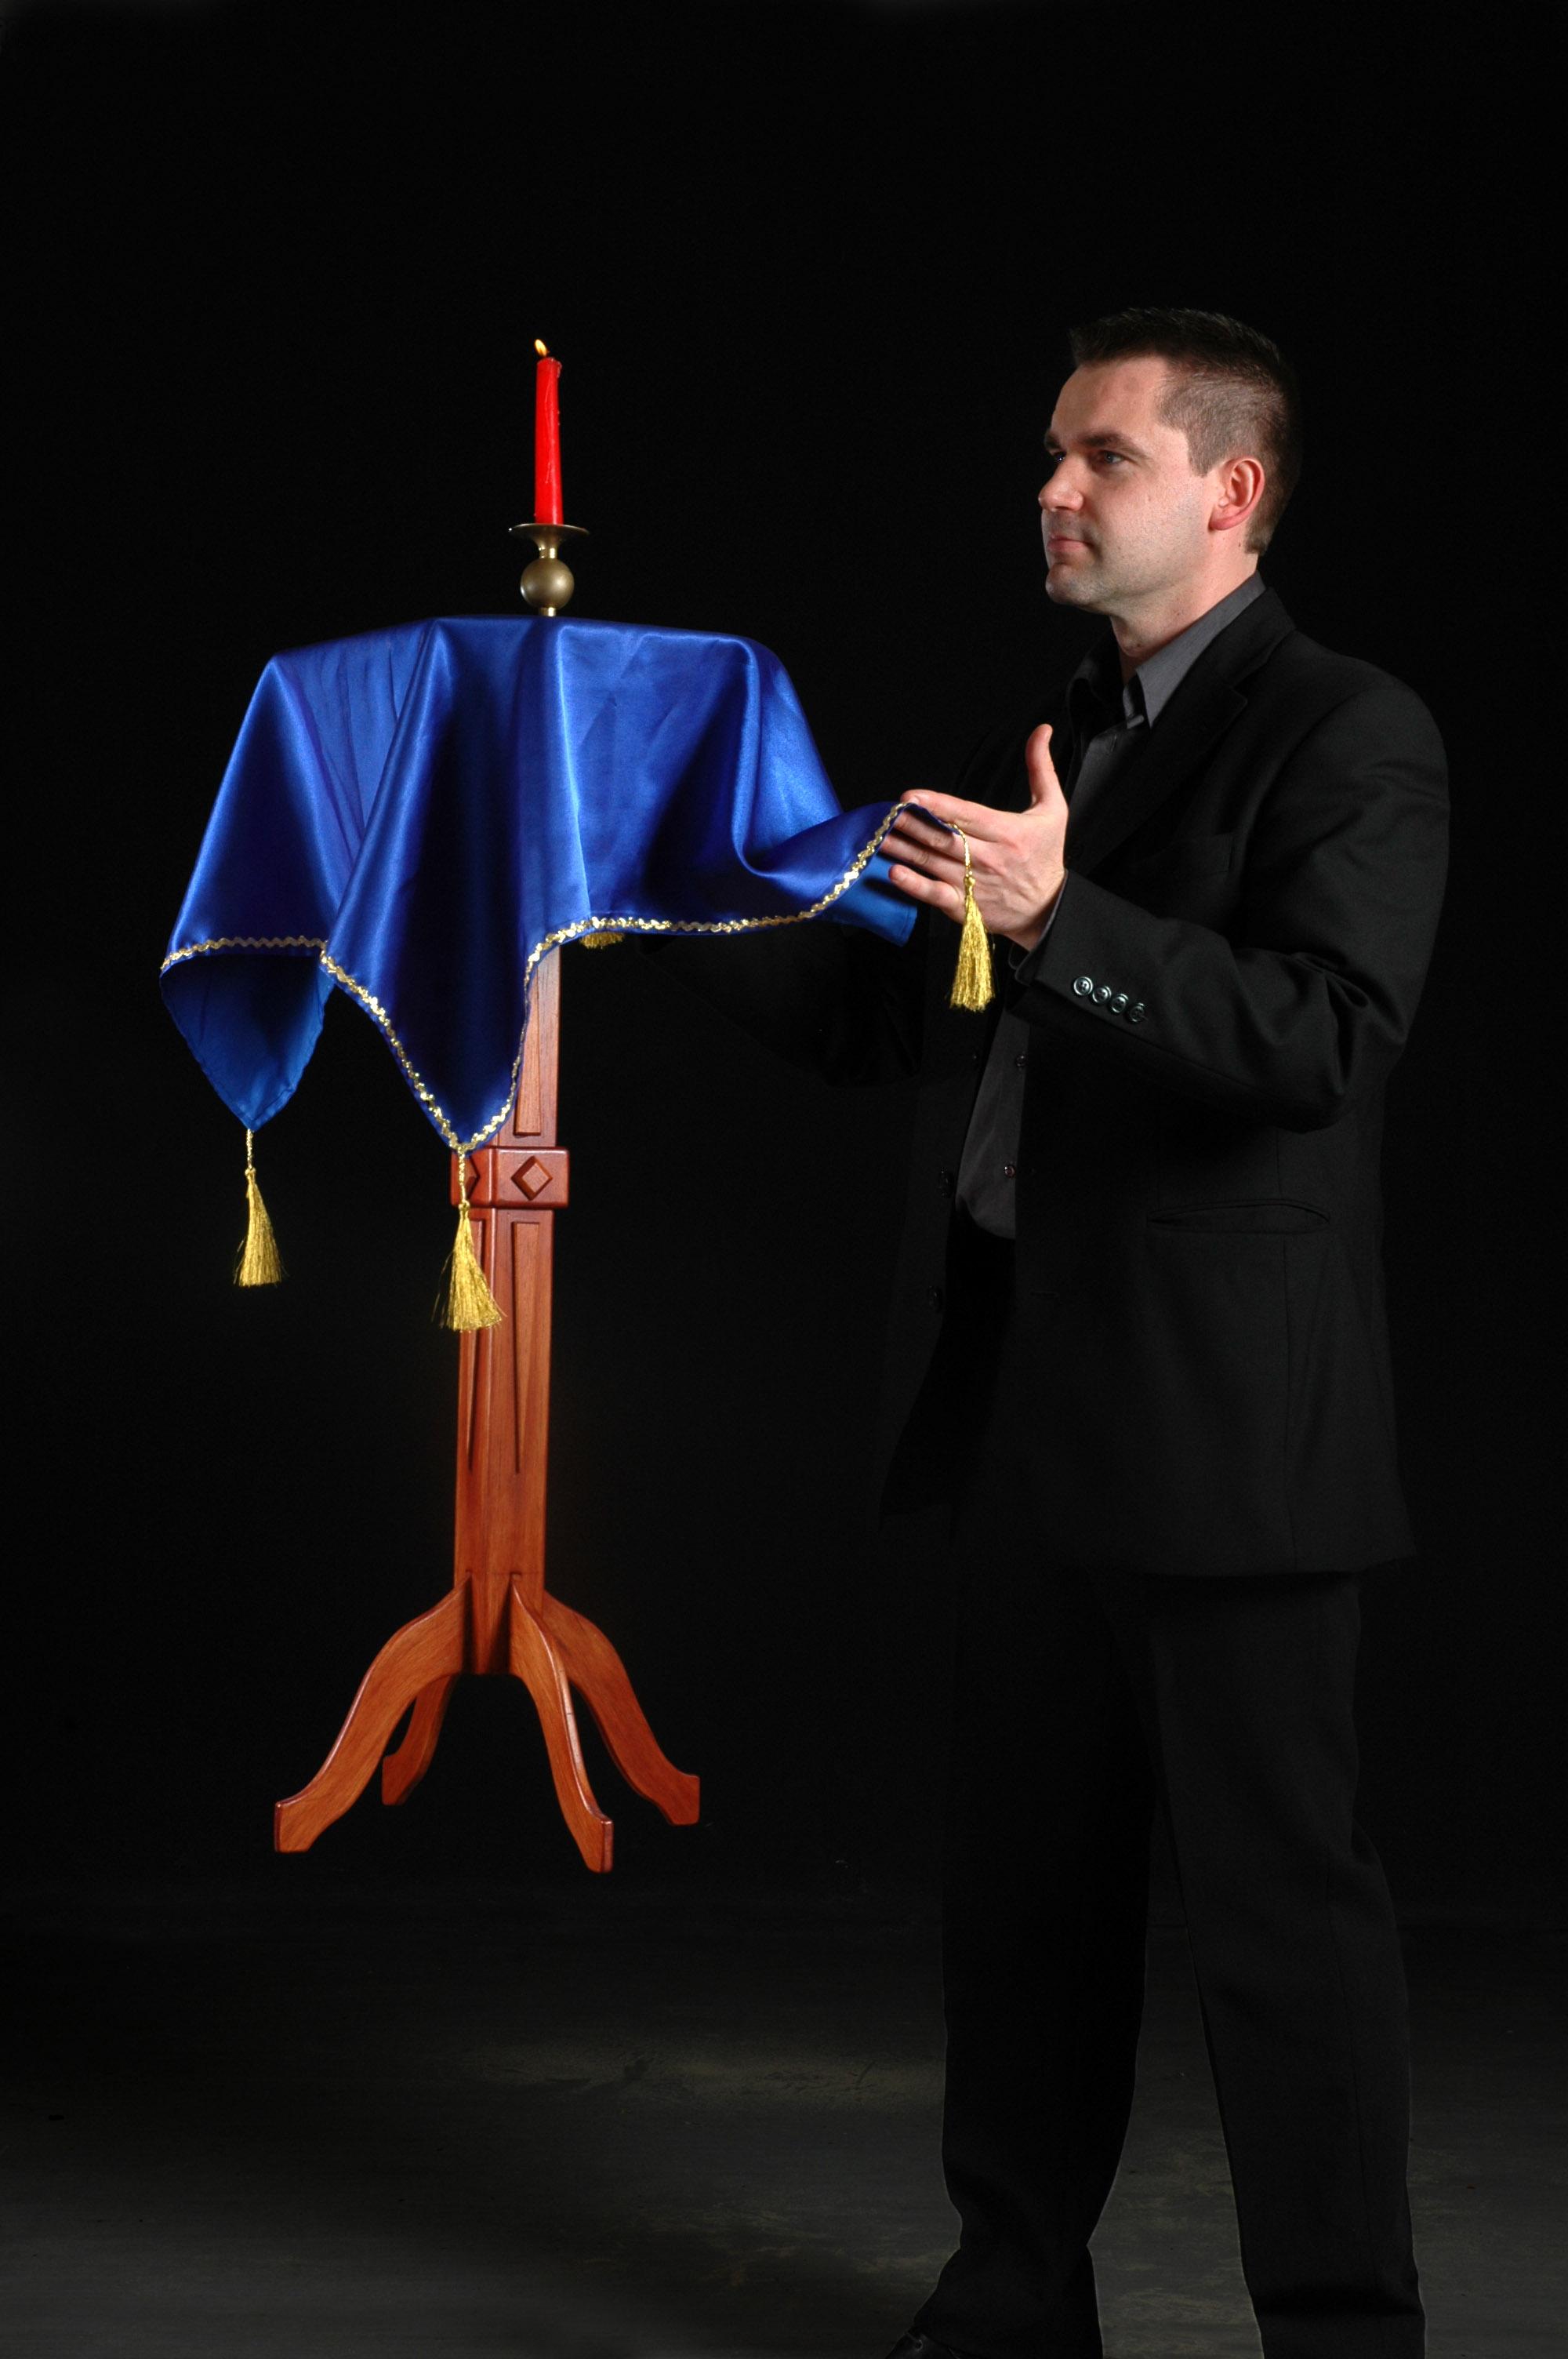 Des photos la magie de l eventail - Tour de magie table volante ...